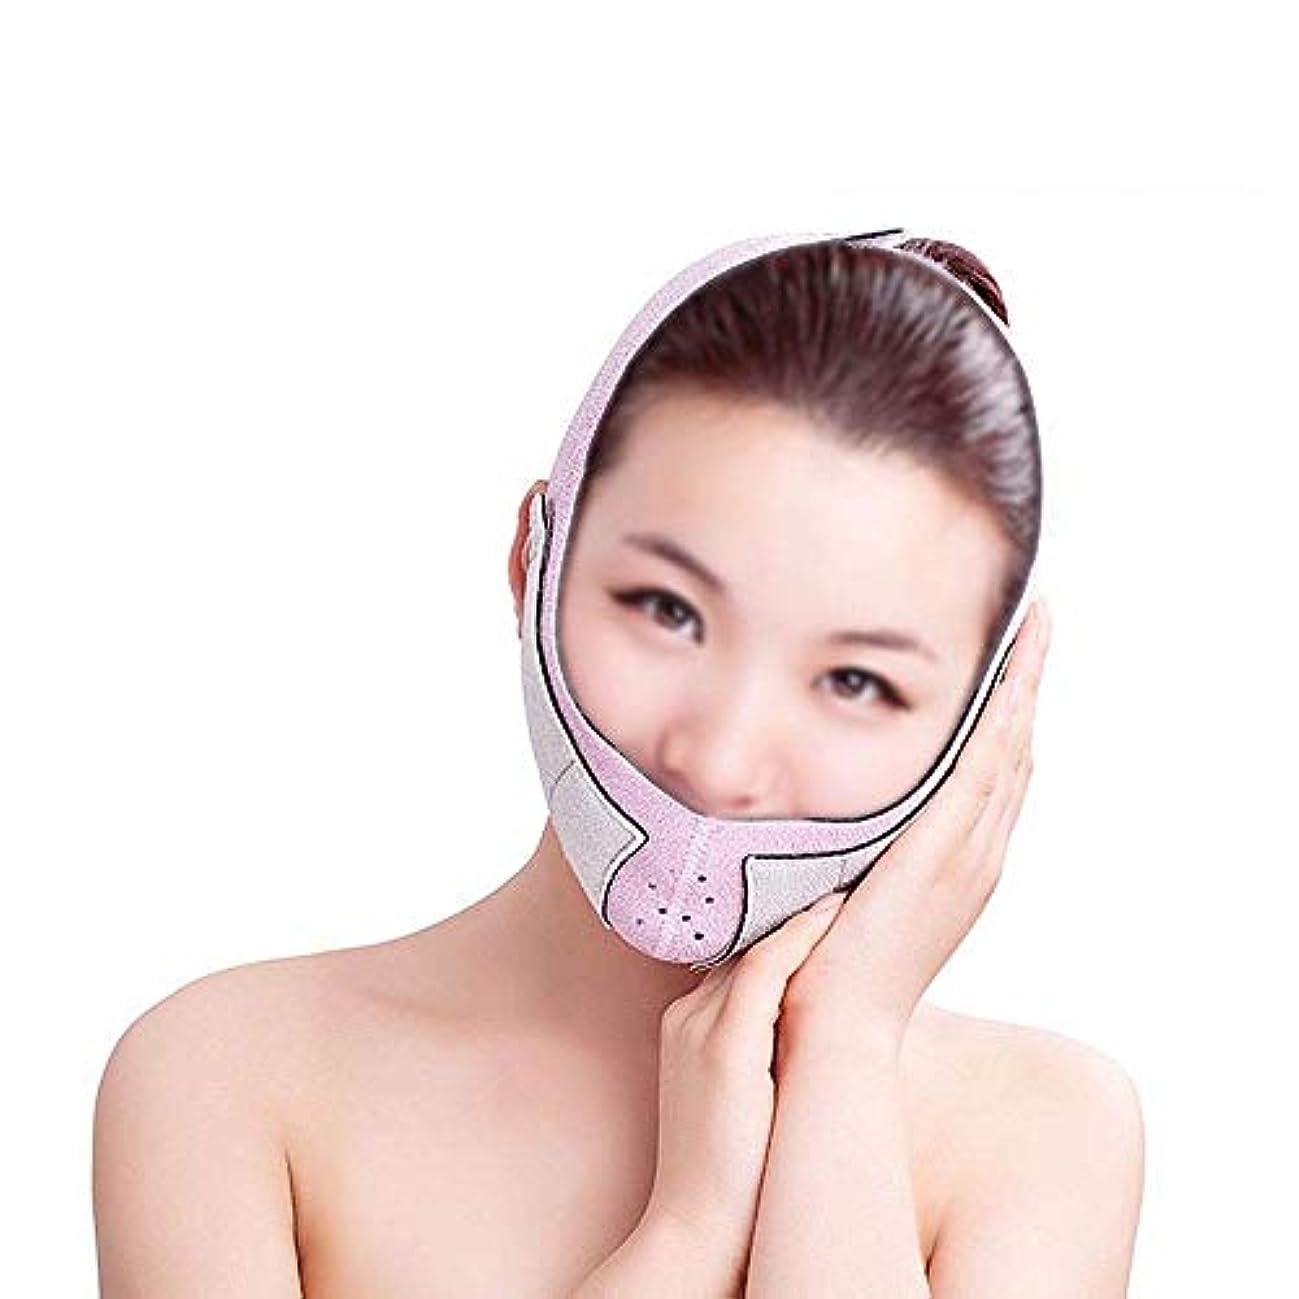 豚平均辞書フェイスリフトマスク、スリミングベルト薄いフェイスマスク強力なリフティング小さなV顔薄い顔包帯美容顔リフティングデバイス